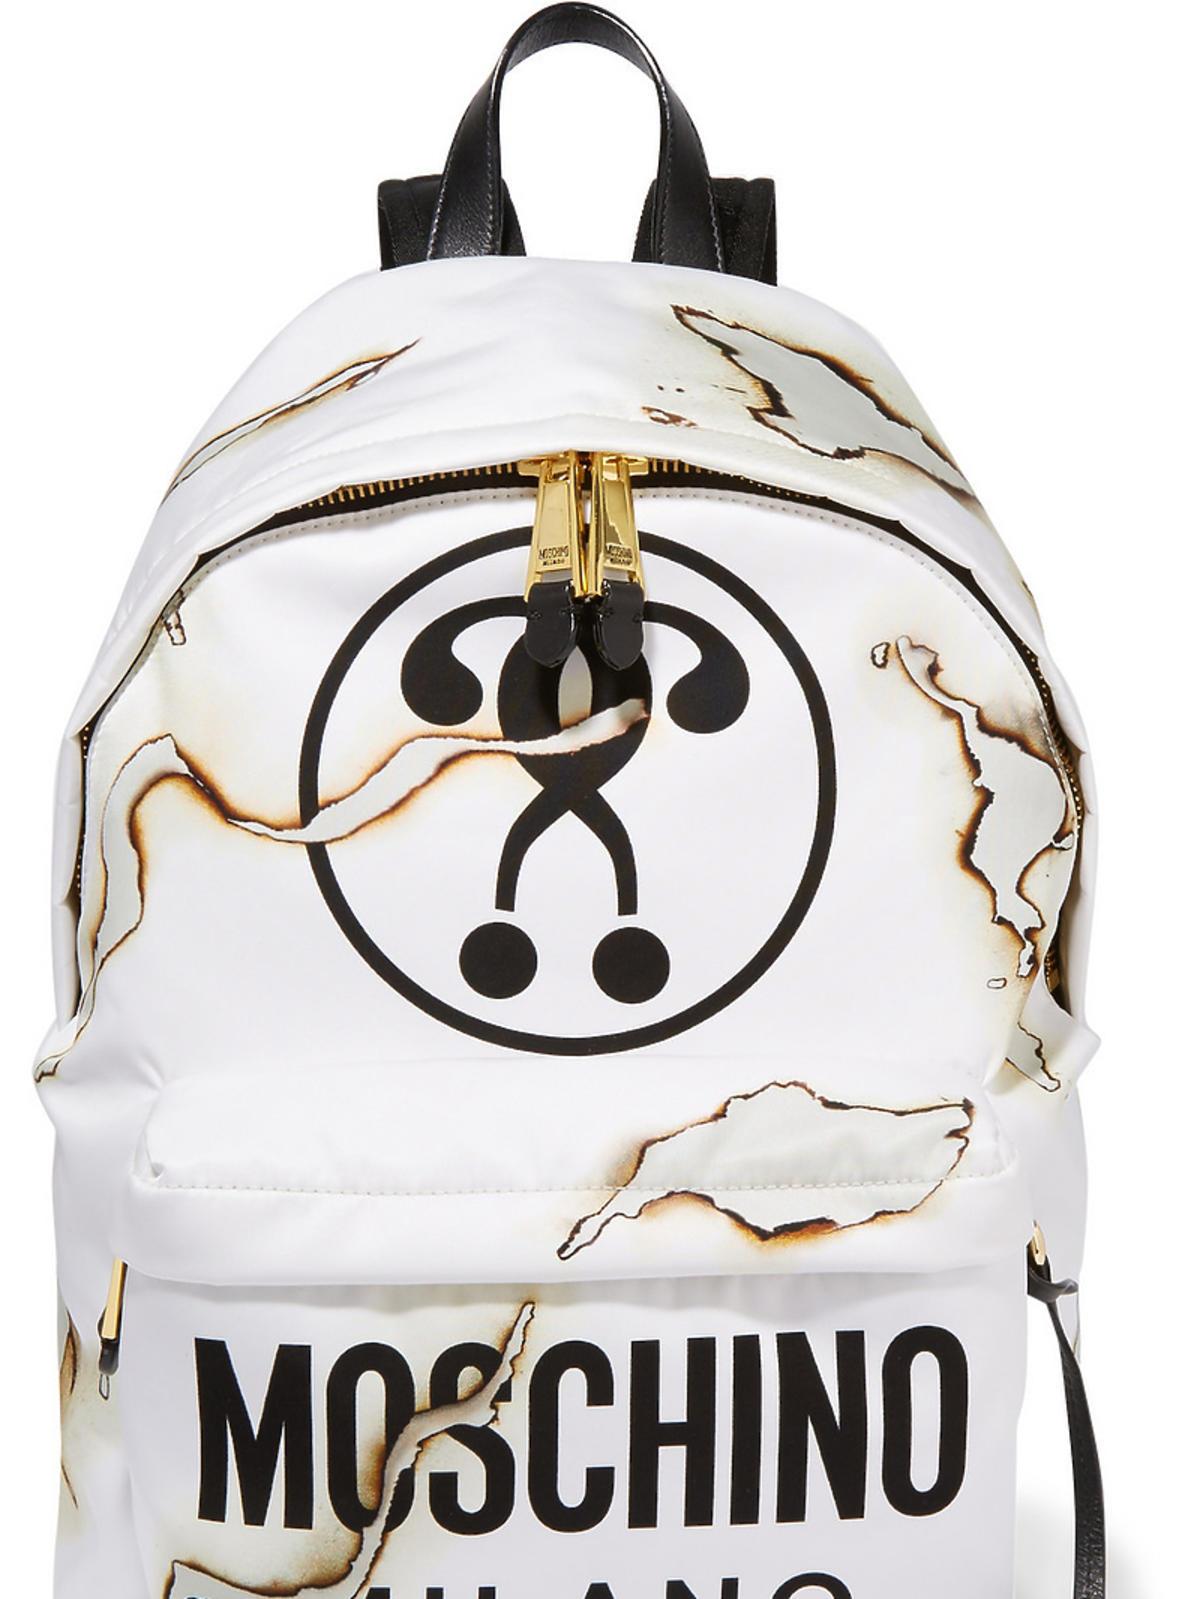 Plecak marki Moschino, 2244 zł